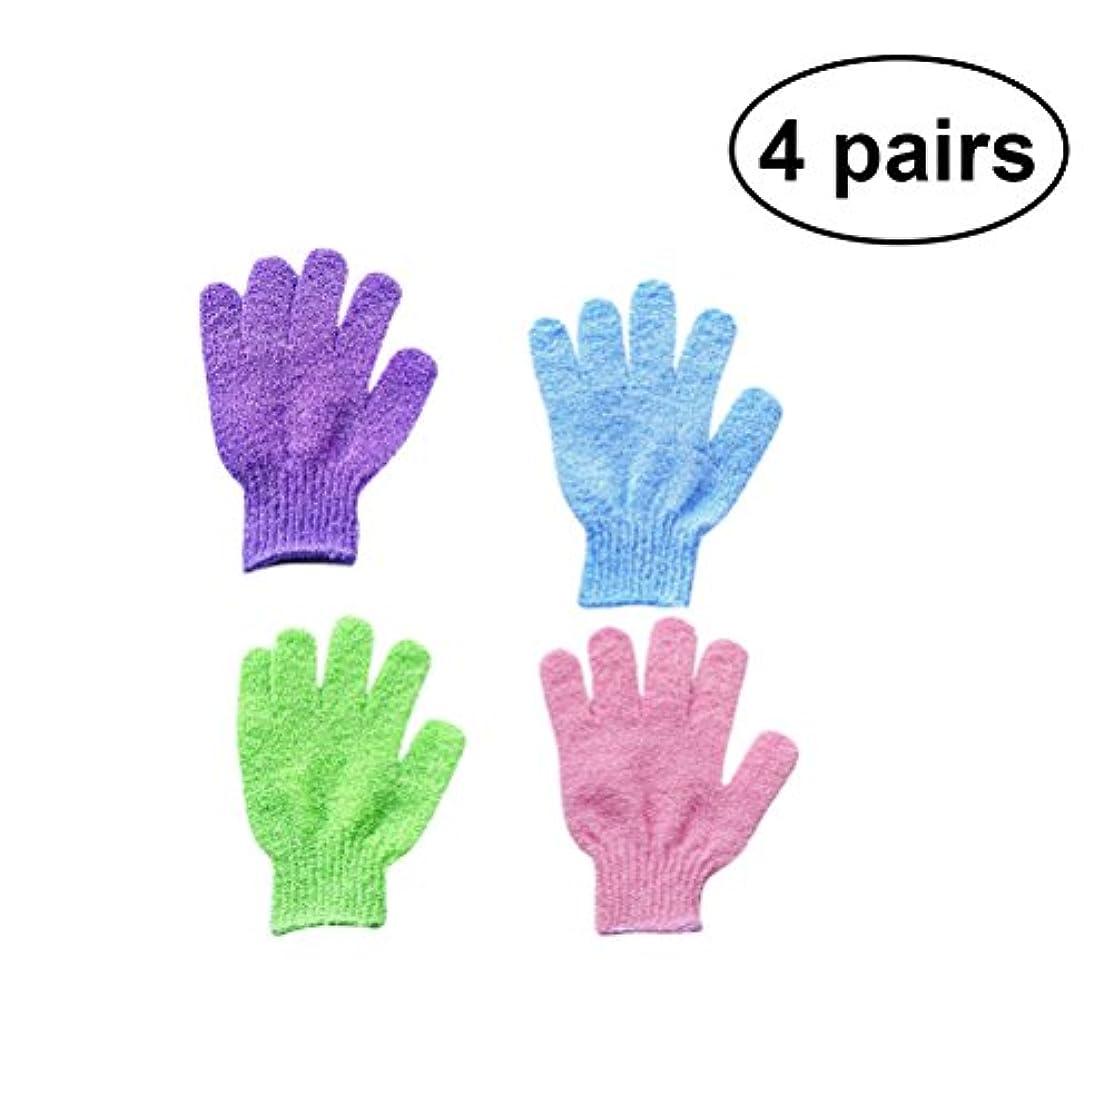 犠牲安全な細胞Healifty 4 Pairs Exfoliating Bath Gloves Shower Mitts Exfoliating Body Spa Massage Dead Skin Cell Remover